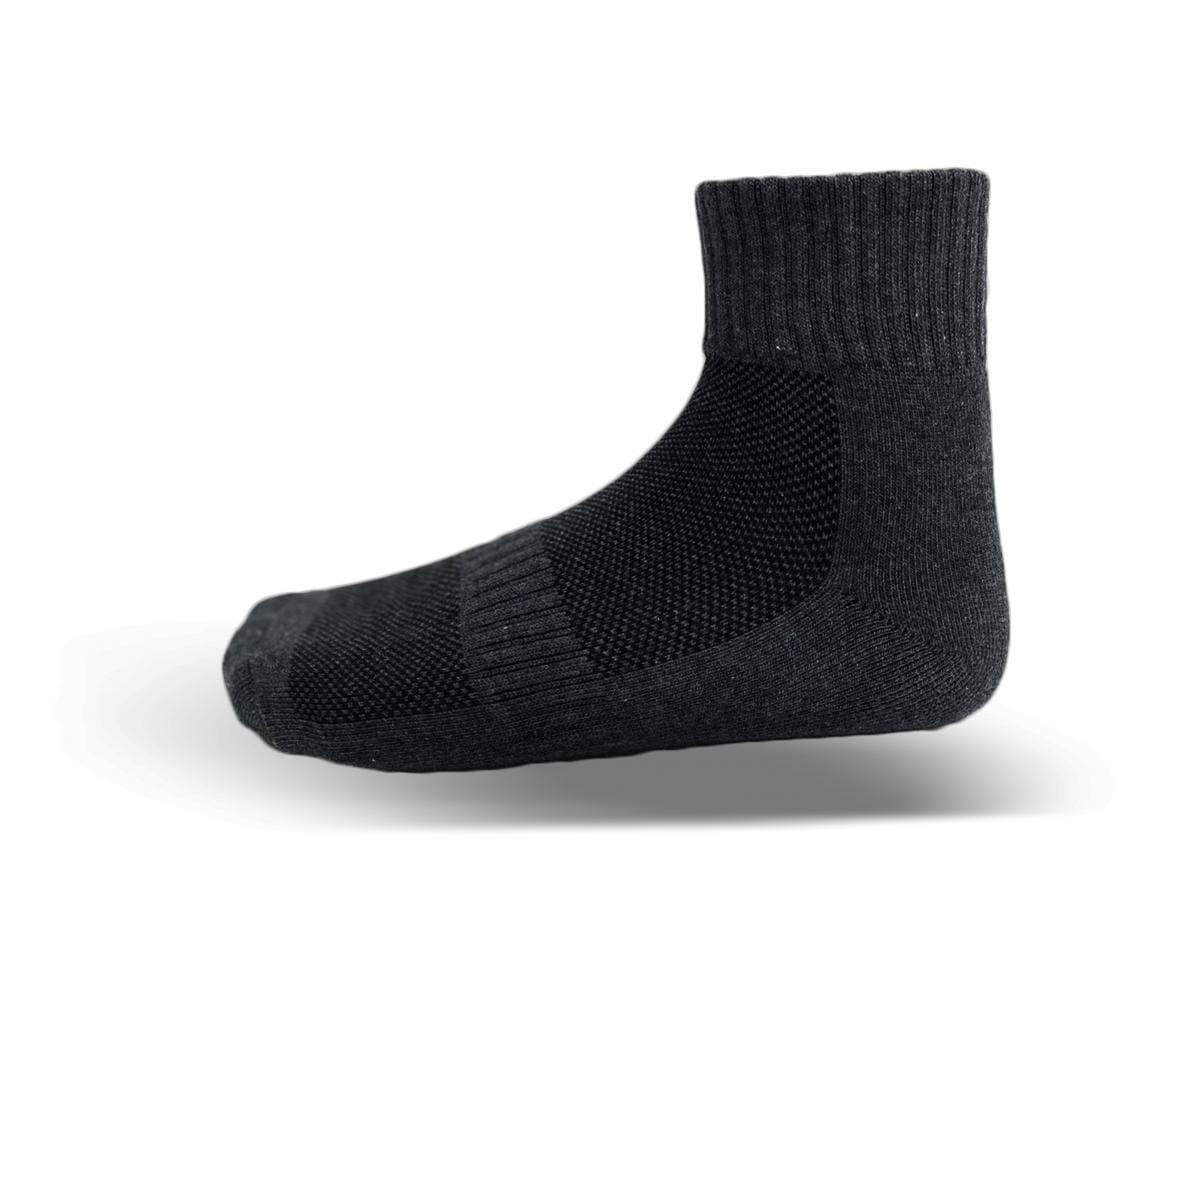 天然棉系列-毛巾厚底短襪(黑) 2